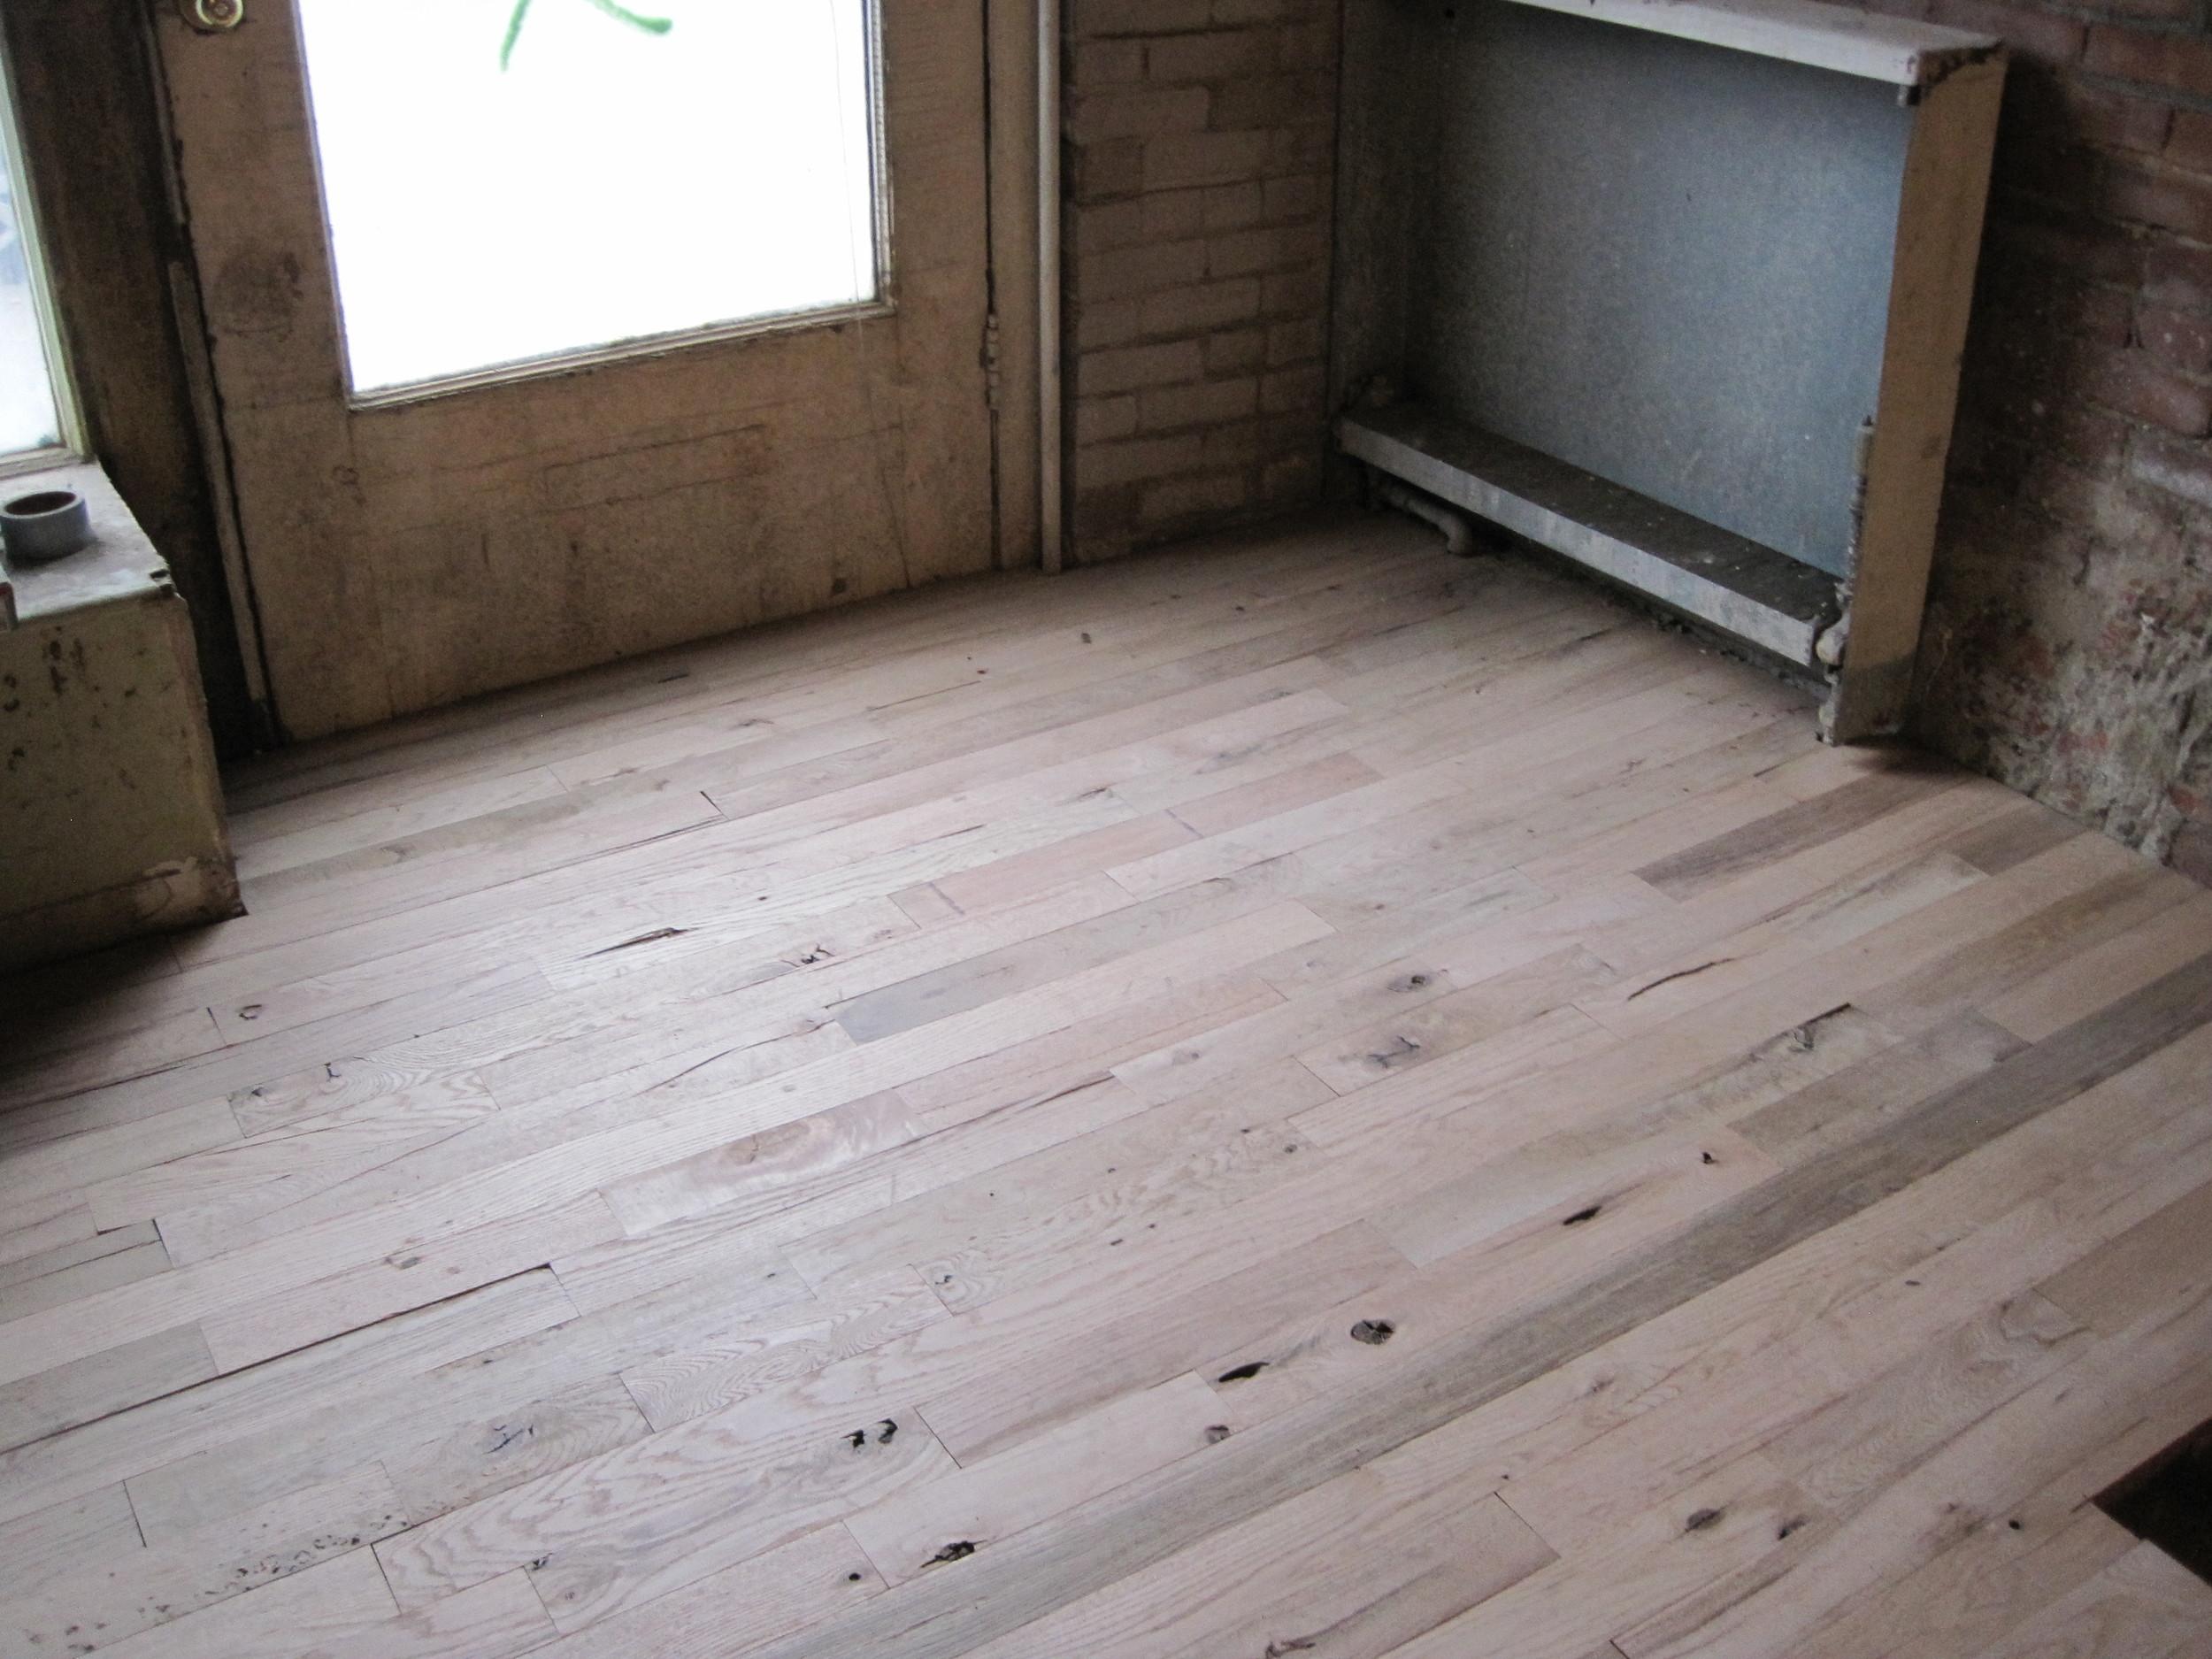 More hardwood.